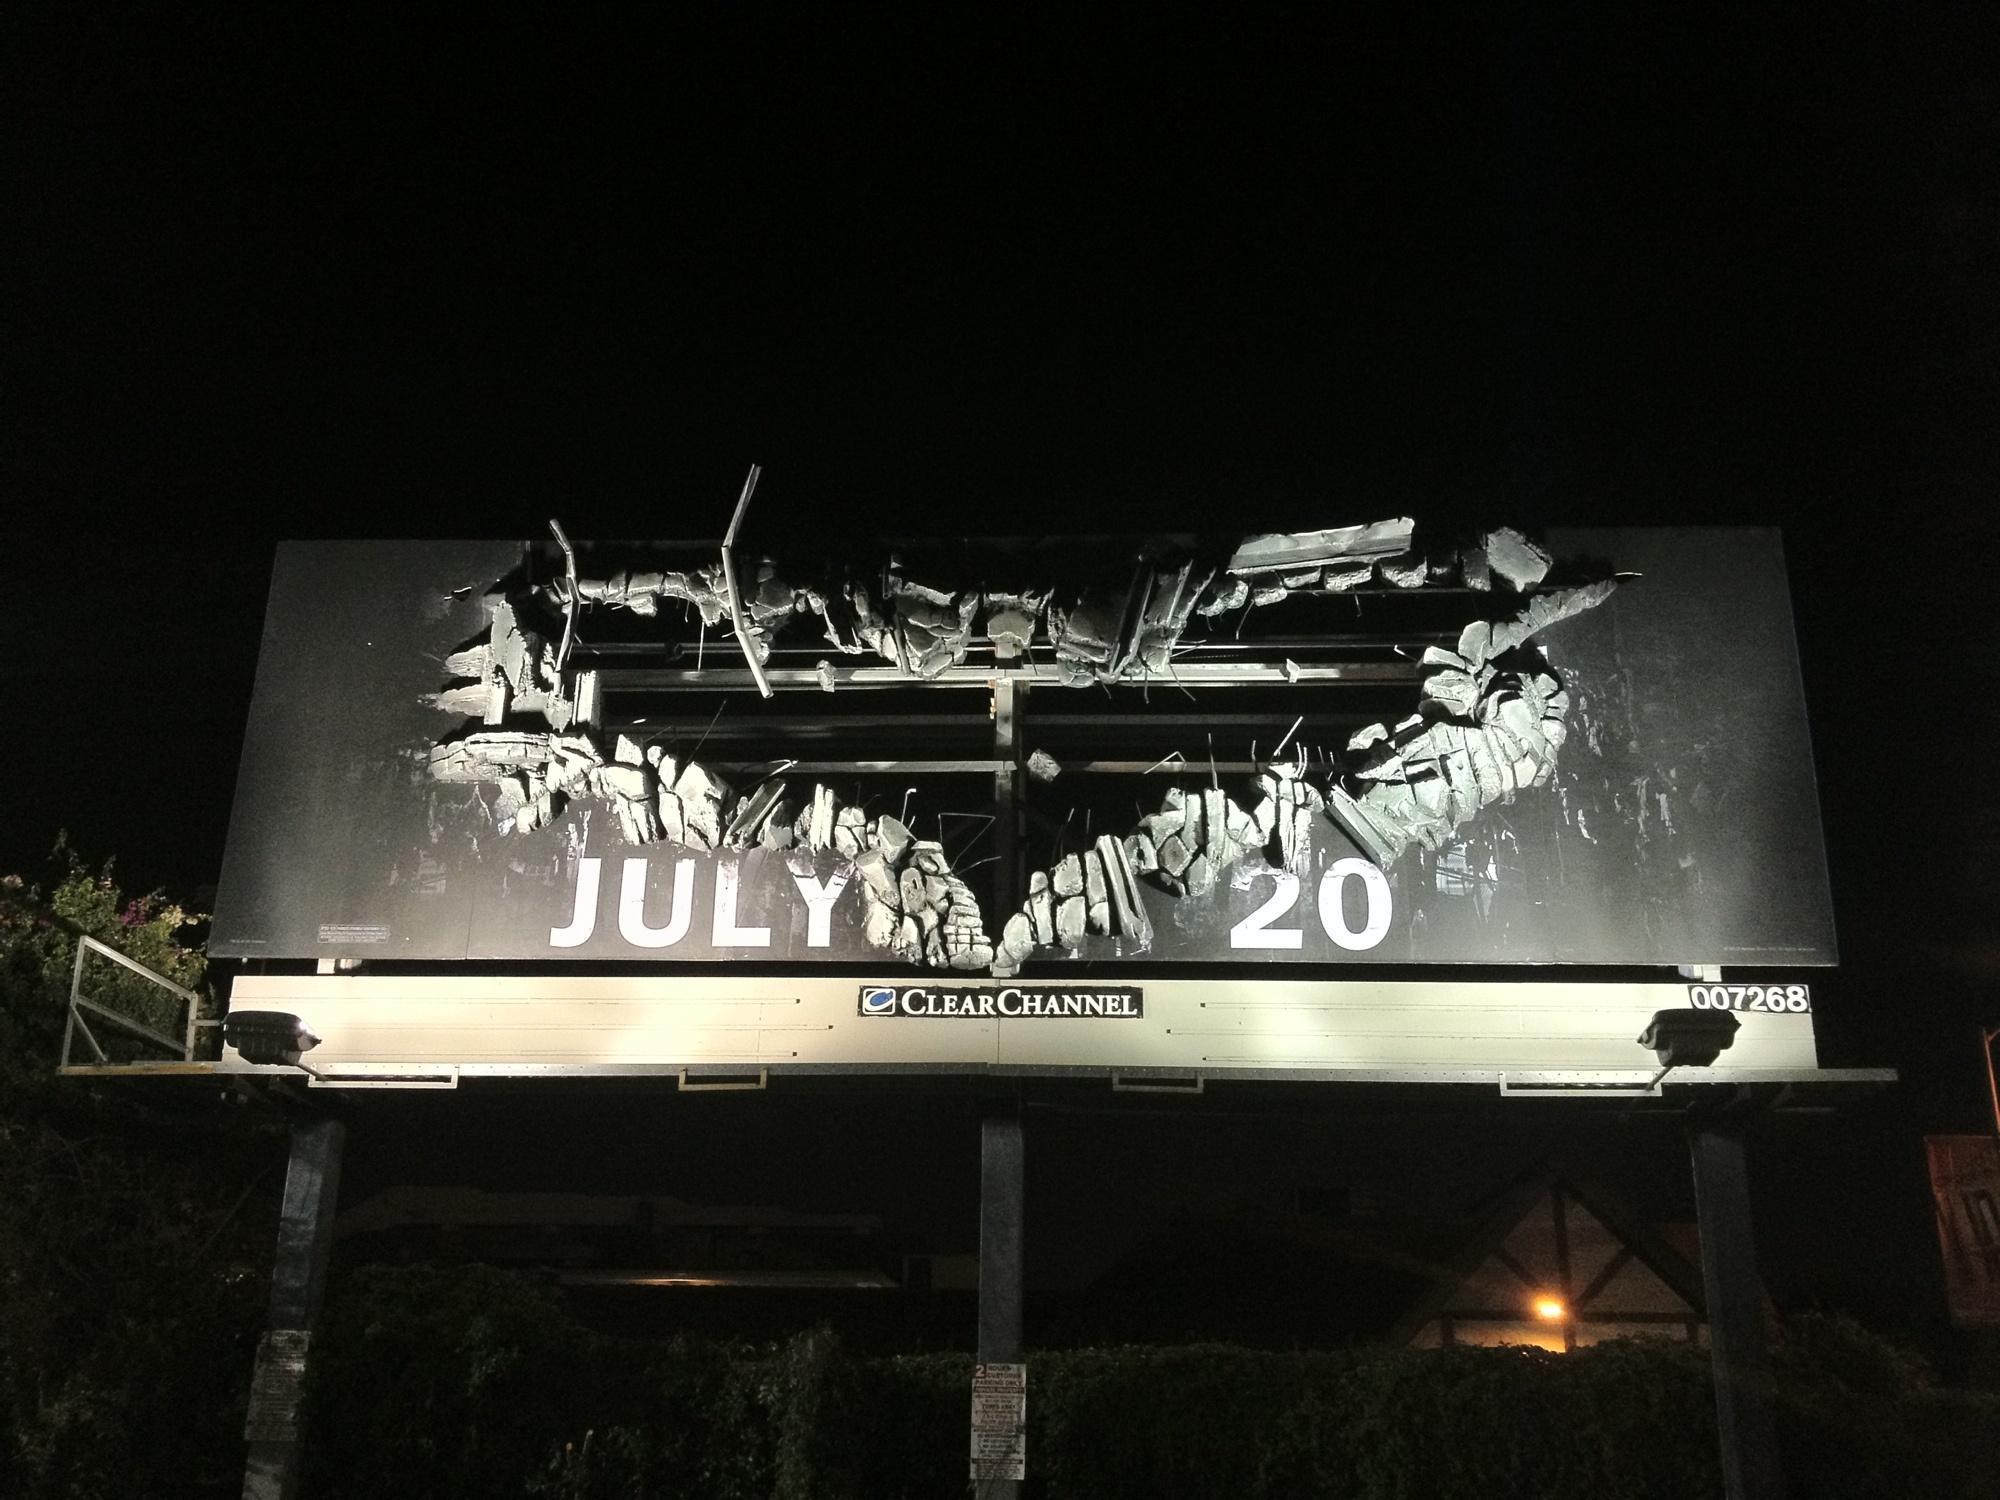 《黑暗骑士崛起》(The Dark Knight Rises)创意户外广告 点击查看大图